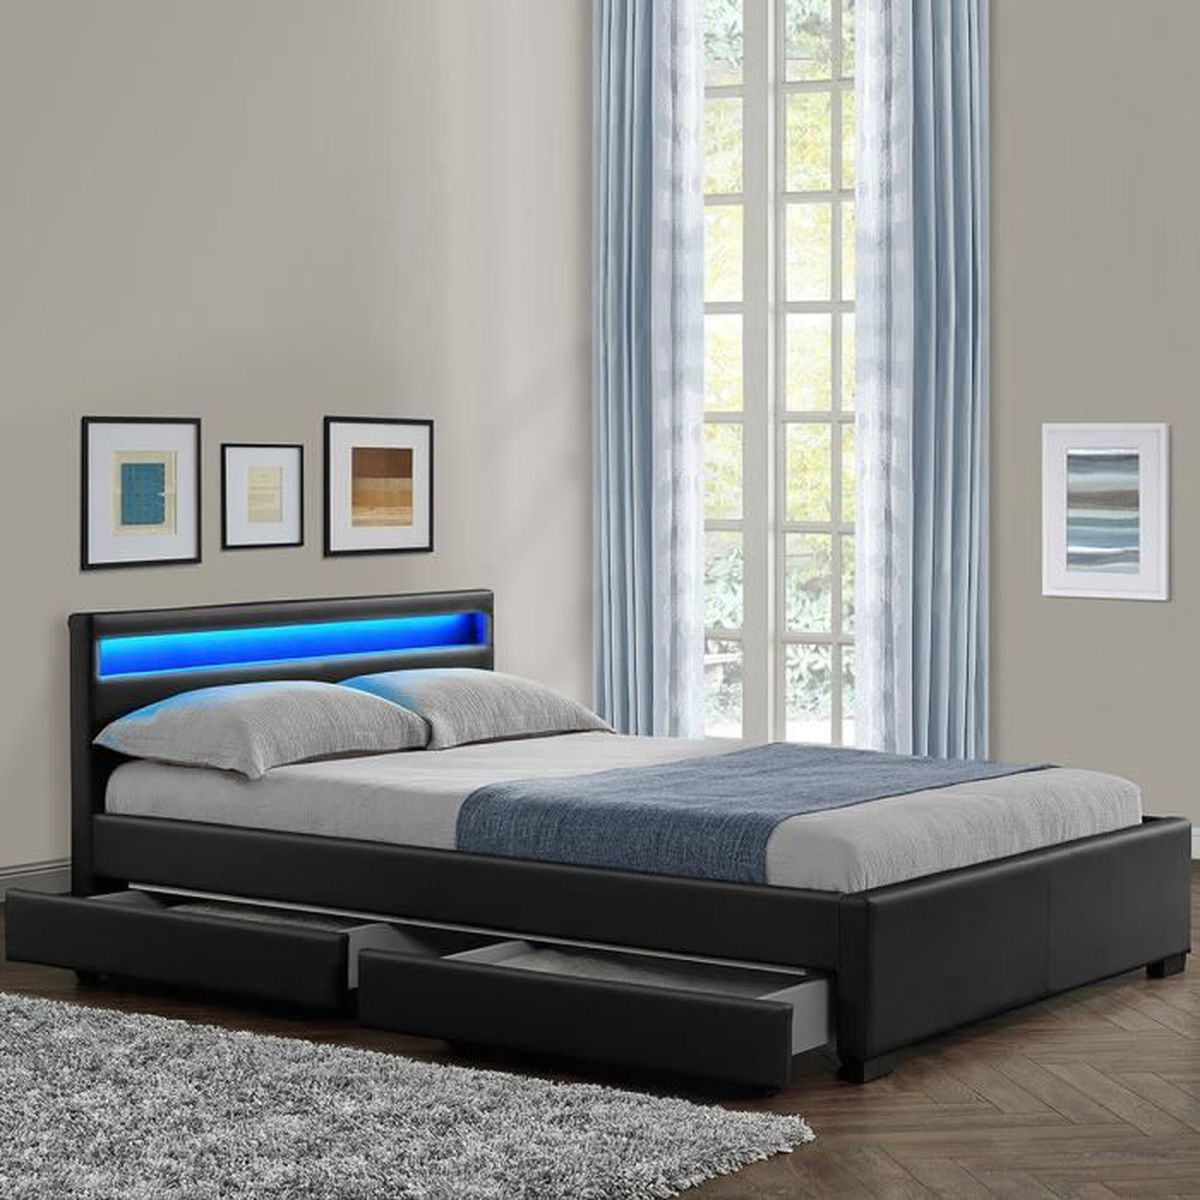 Lit rona 160cm noir lit confortable original et for Lit original